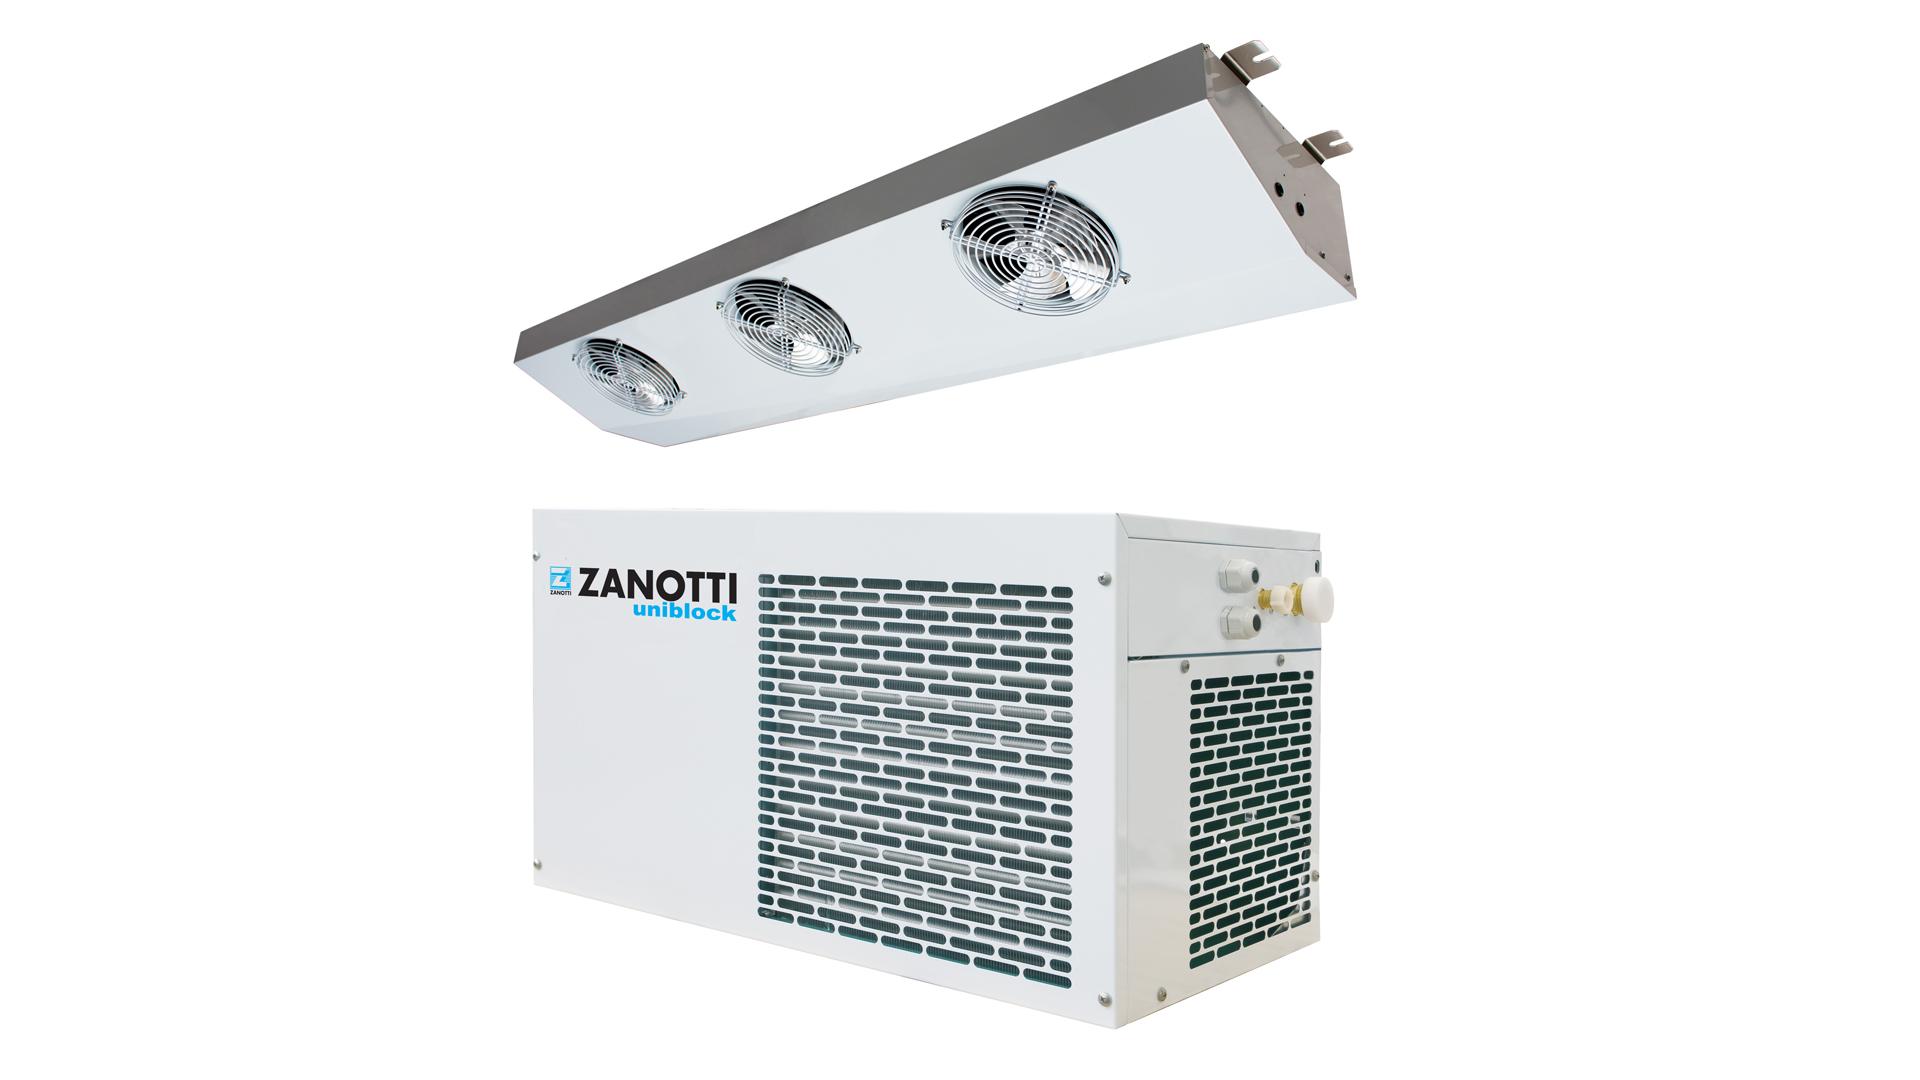 Gruppo refrigerante per cella frigo, modello Zanotti SP-O3